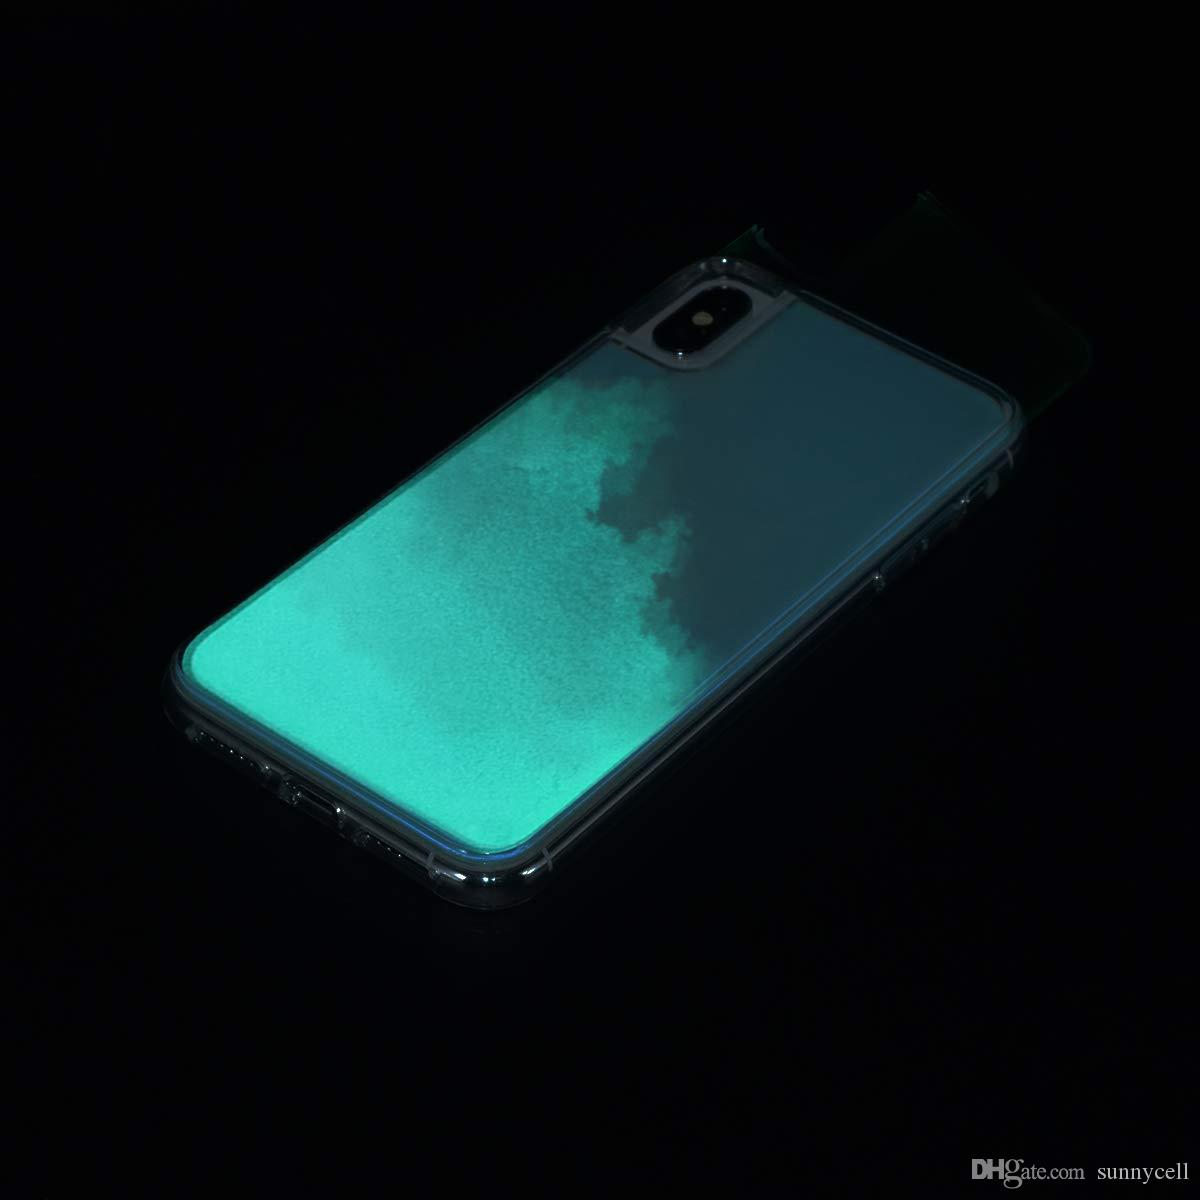 Para Samsung Nota 10 Pro M20 M10 Z4 Z3 Z2 S10 E S9 S8 Além disso Note9 8 fluindo Neon Areia líquido de corpo inteiro com Levantado moldura brilho da tampa do caso